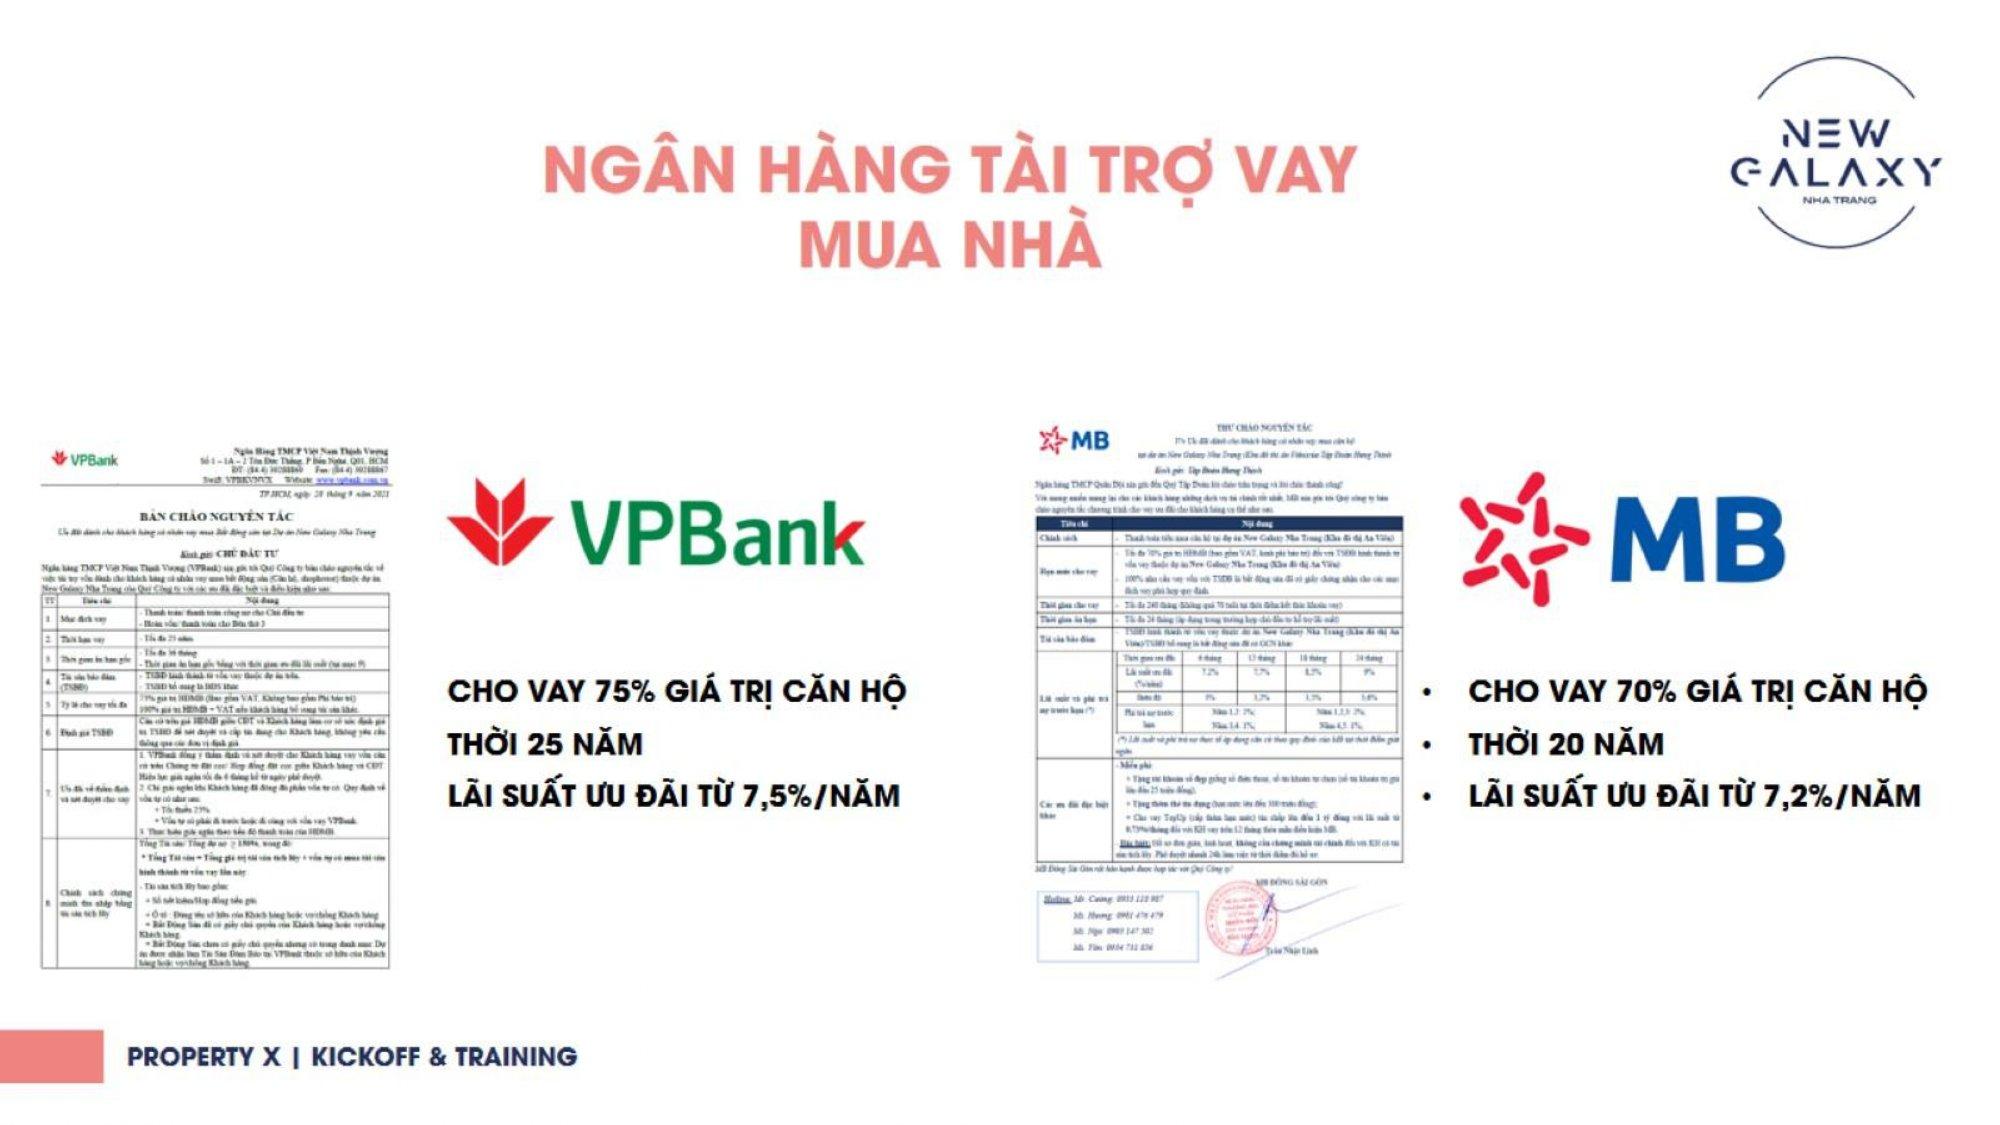 ngân hàng hỗ trợ cho vay căn hộ New Galaxy Nha Trang